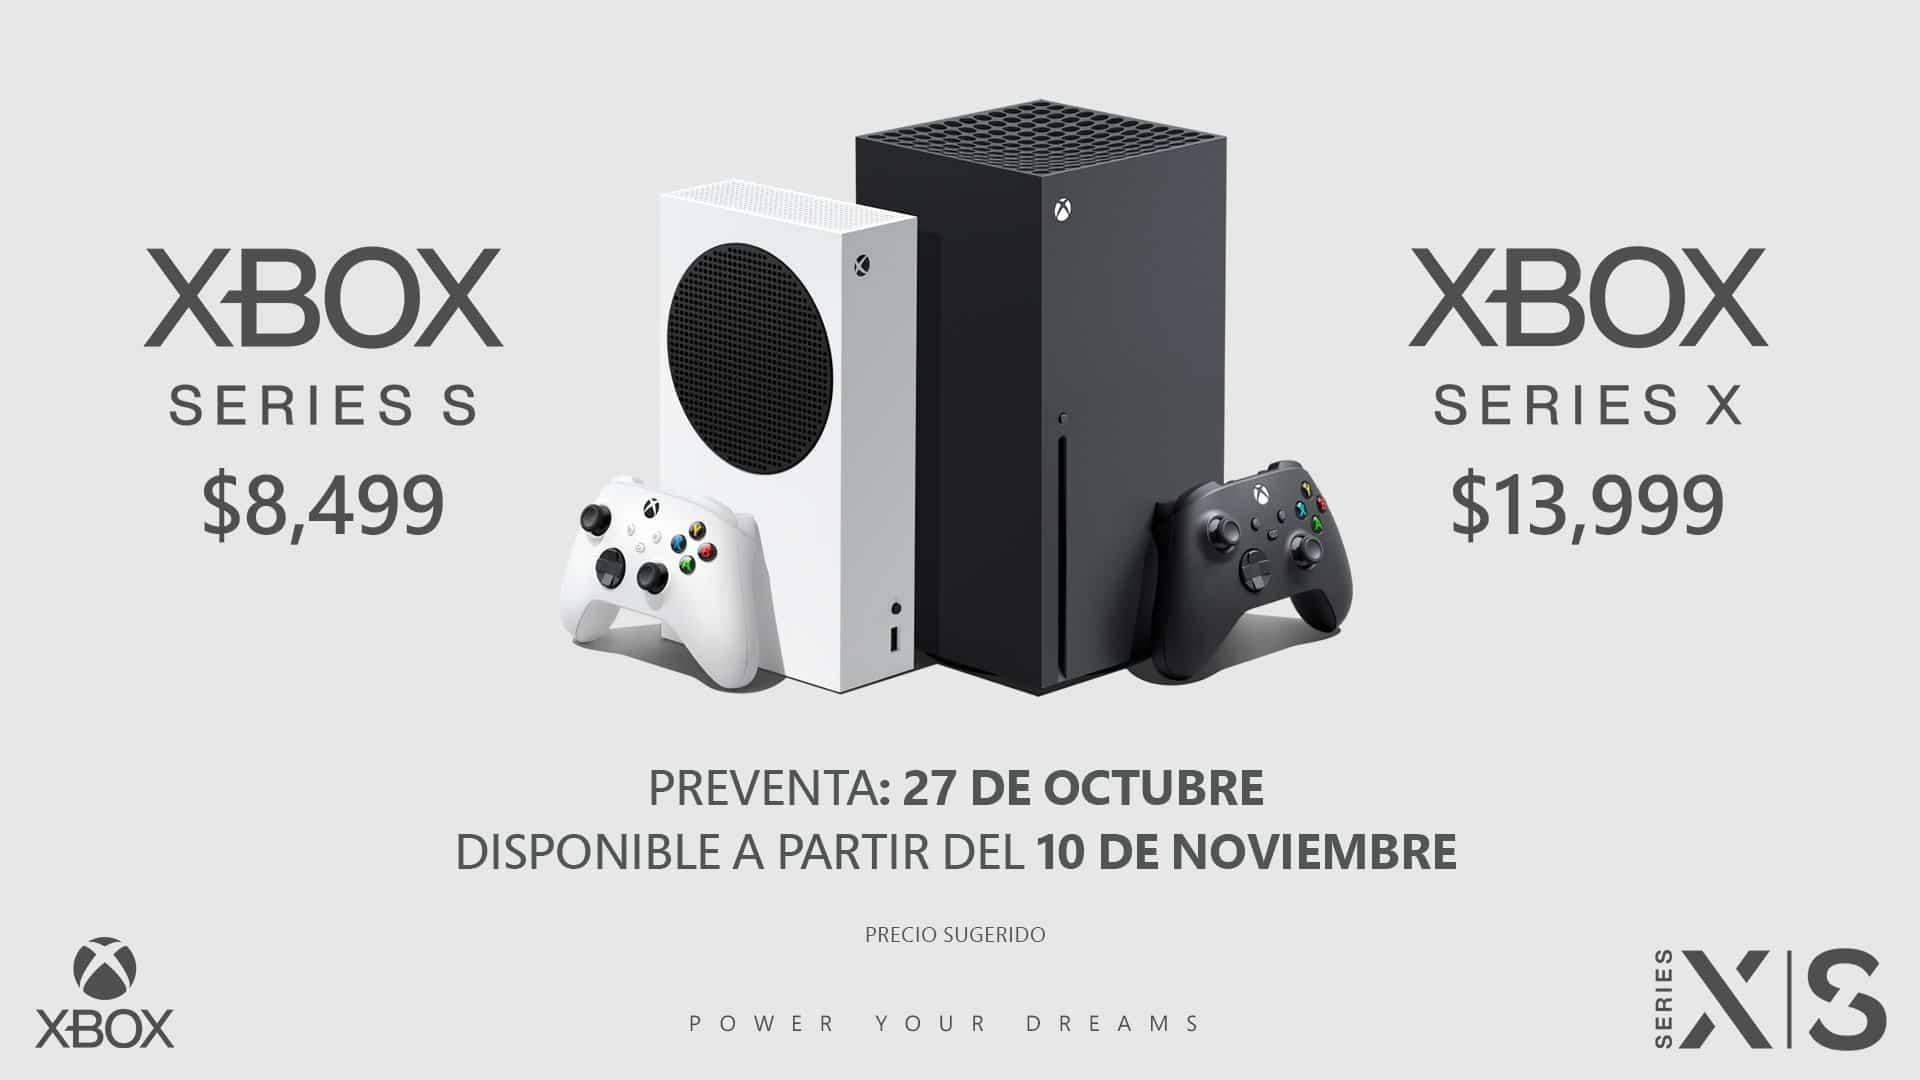 preventa del Xbox Series X y Xbox Series S en México.